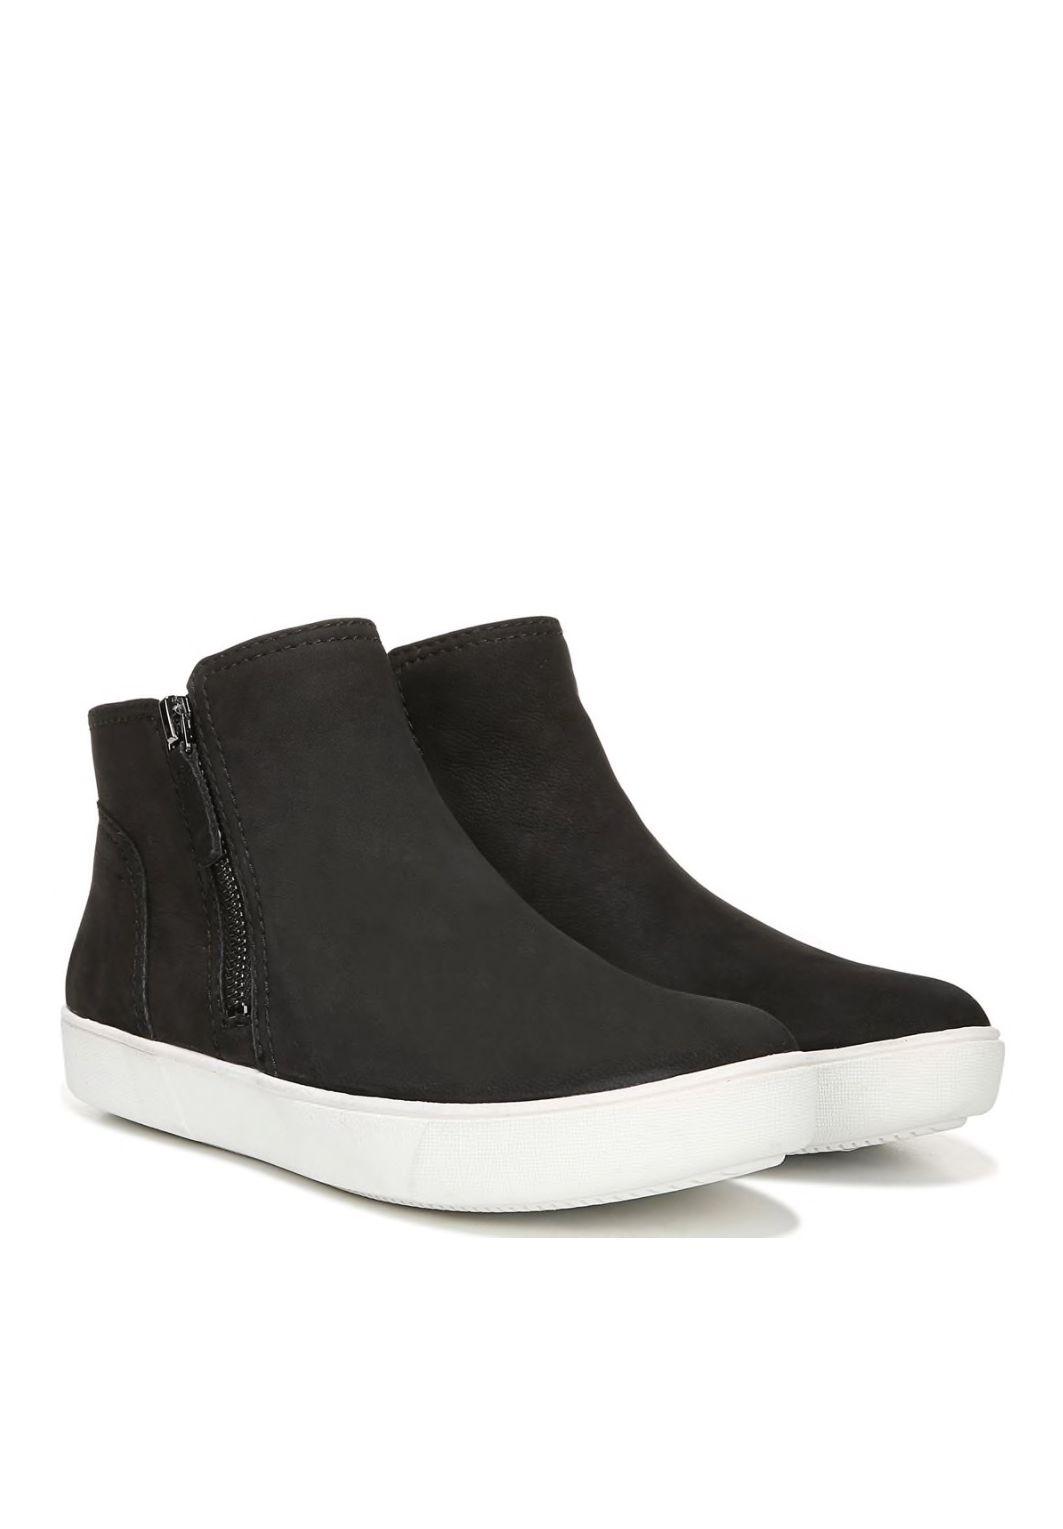 Письмо: купила обувь, не знаю с чем носить